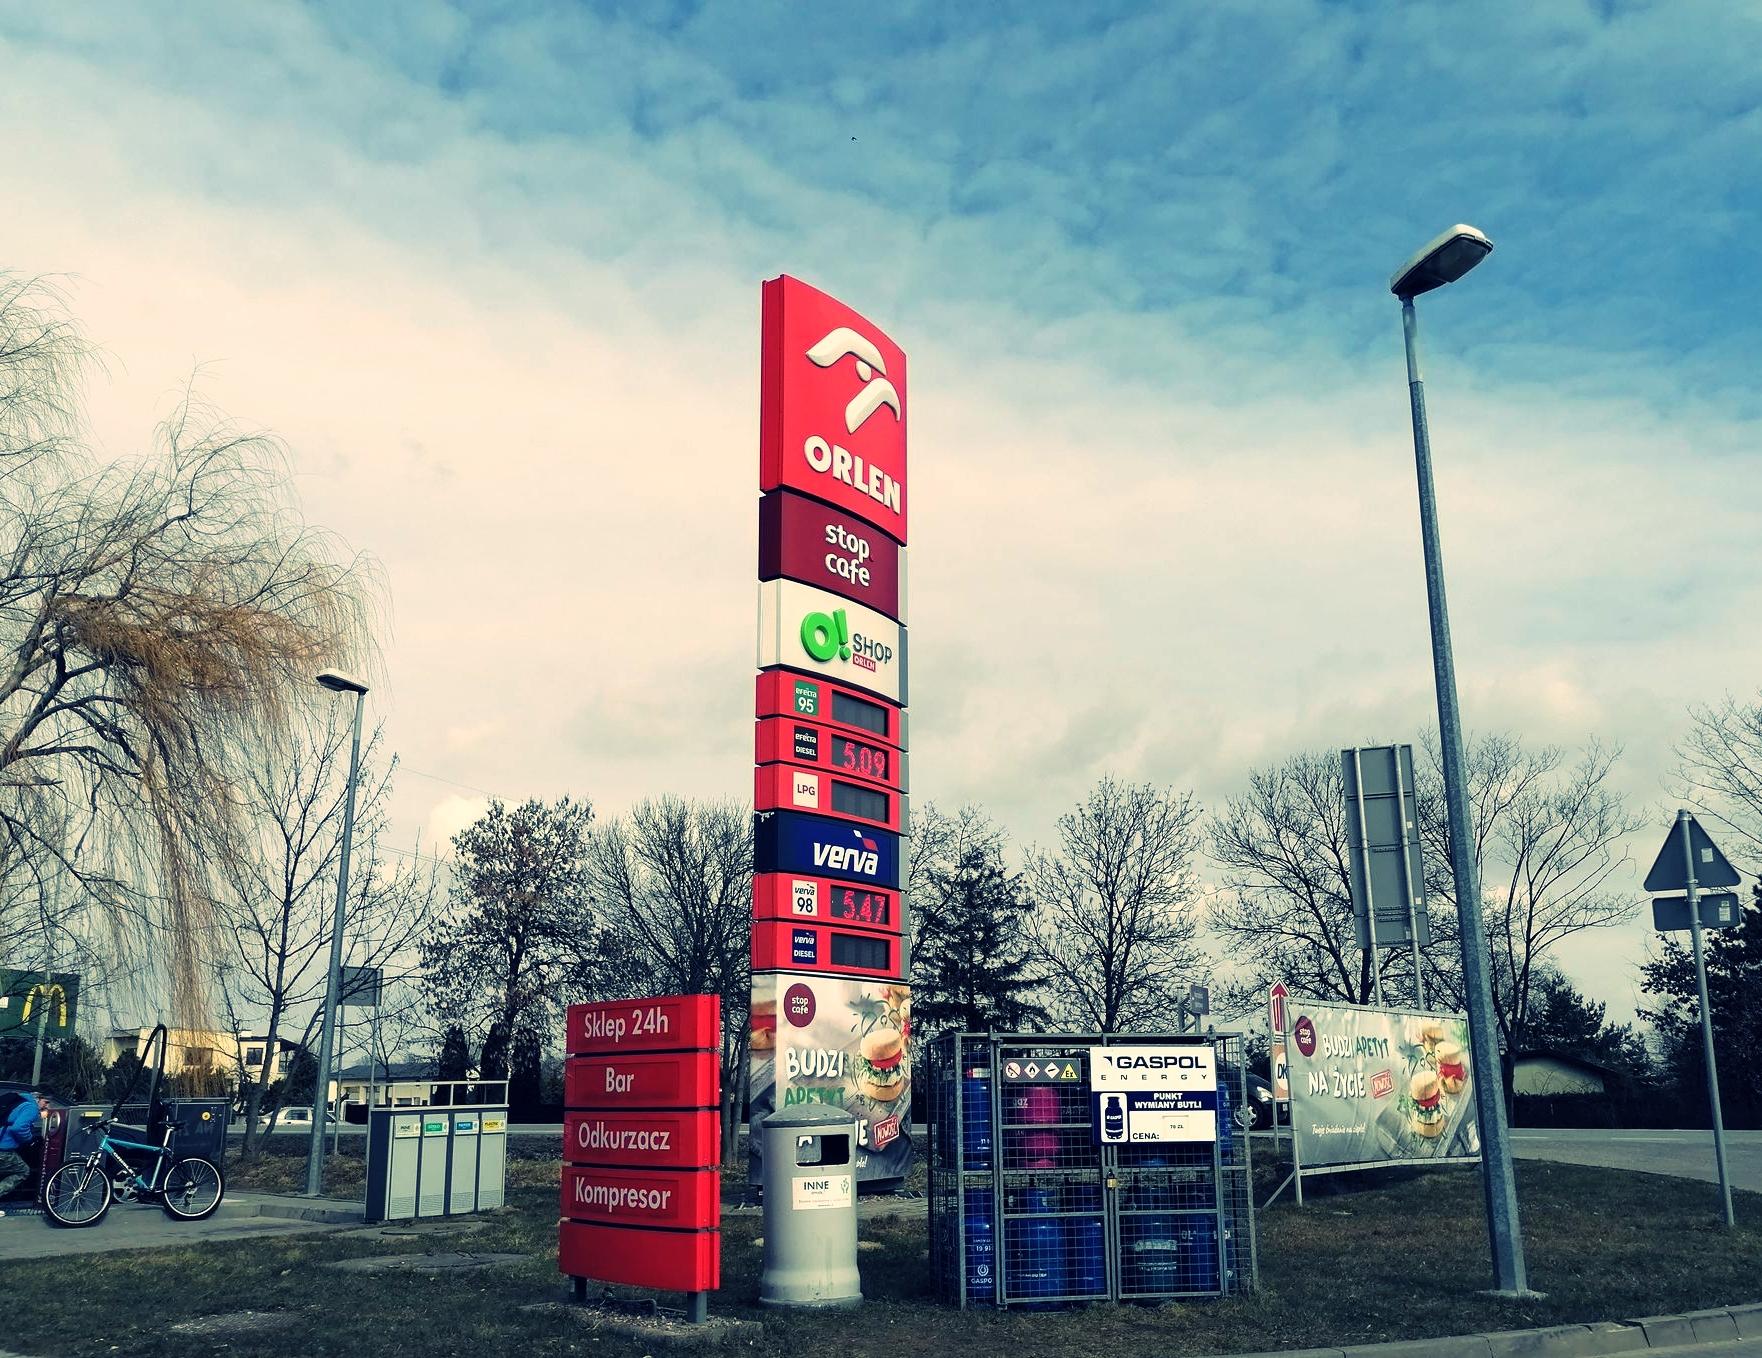 Takich cen paliw nie było od dawna. Zobacz, ile kosztuje benzyna na kutnowskich stacjach - Zdjęcie główne